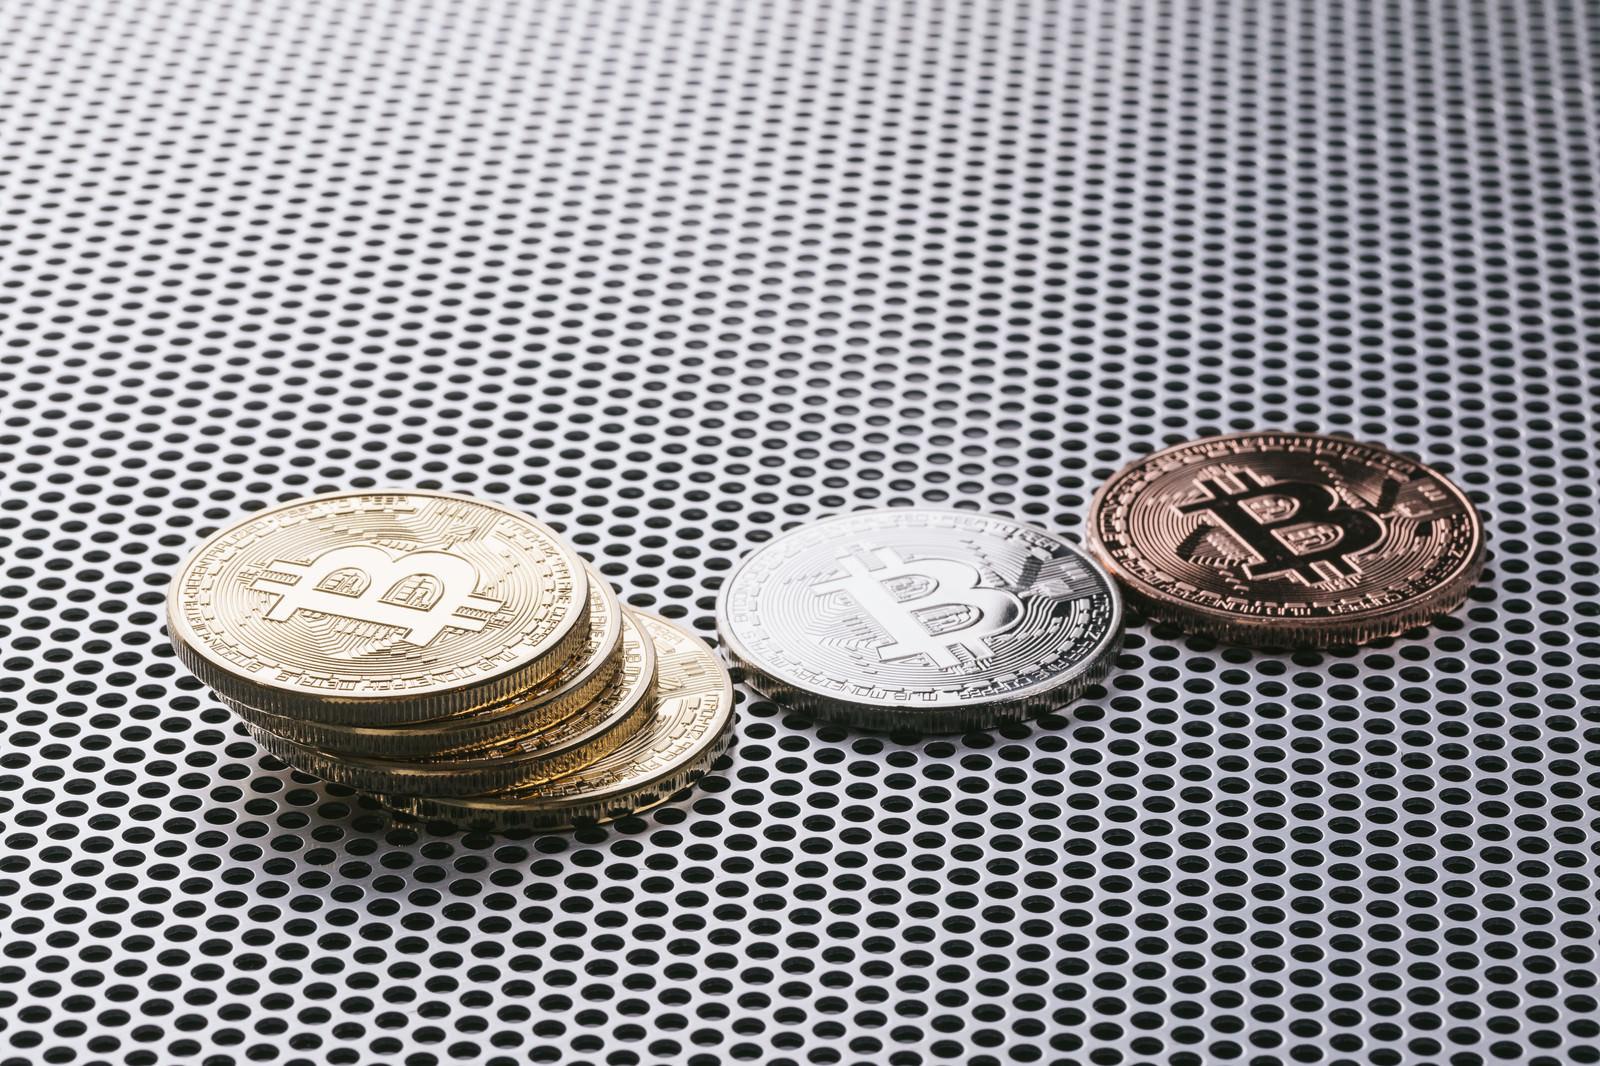 「ビットコインの世界ビットコインの世界」のフリー写真素材を拡大